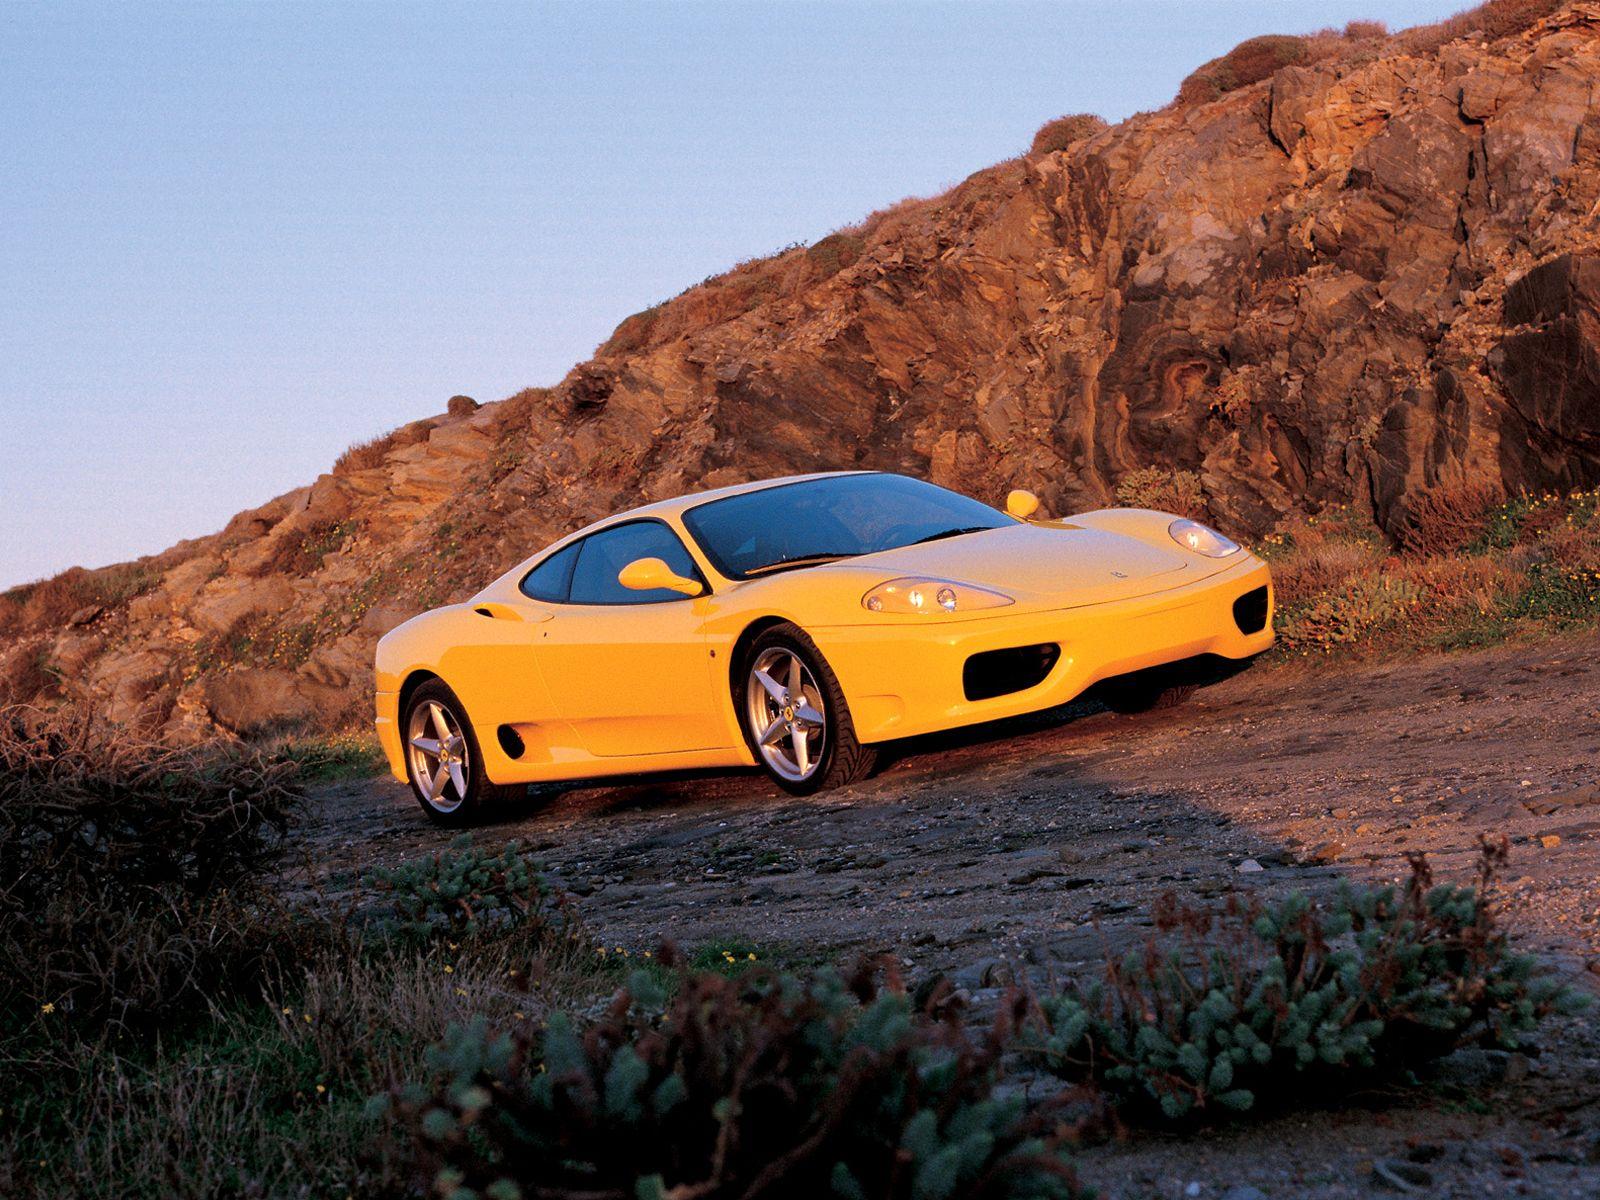 http://3.bp.blogspot.com/_uTGKd6u5pJ4/TRw2fV_-PQI/AAAAAAAAAQs/C6_qwCDLRjA/s1600/Yellow-Ferrari-360-Modena-Wallpaper.jpg